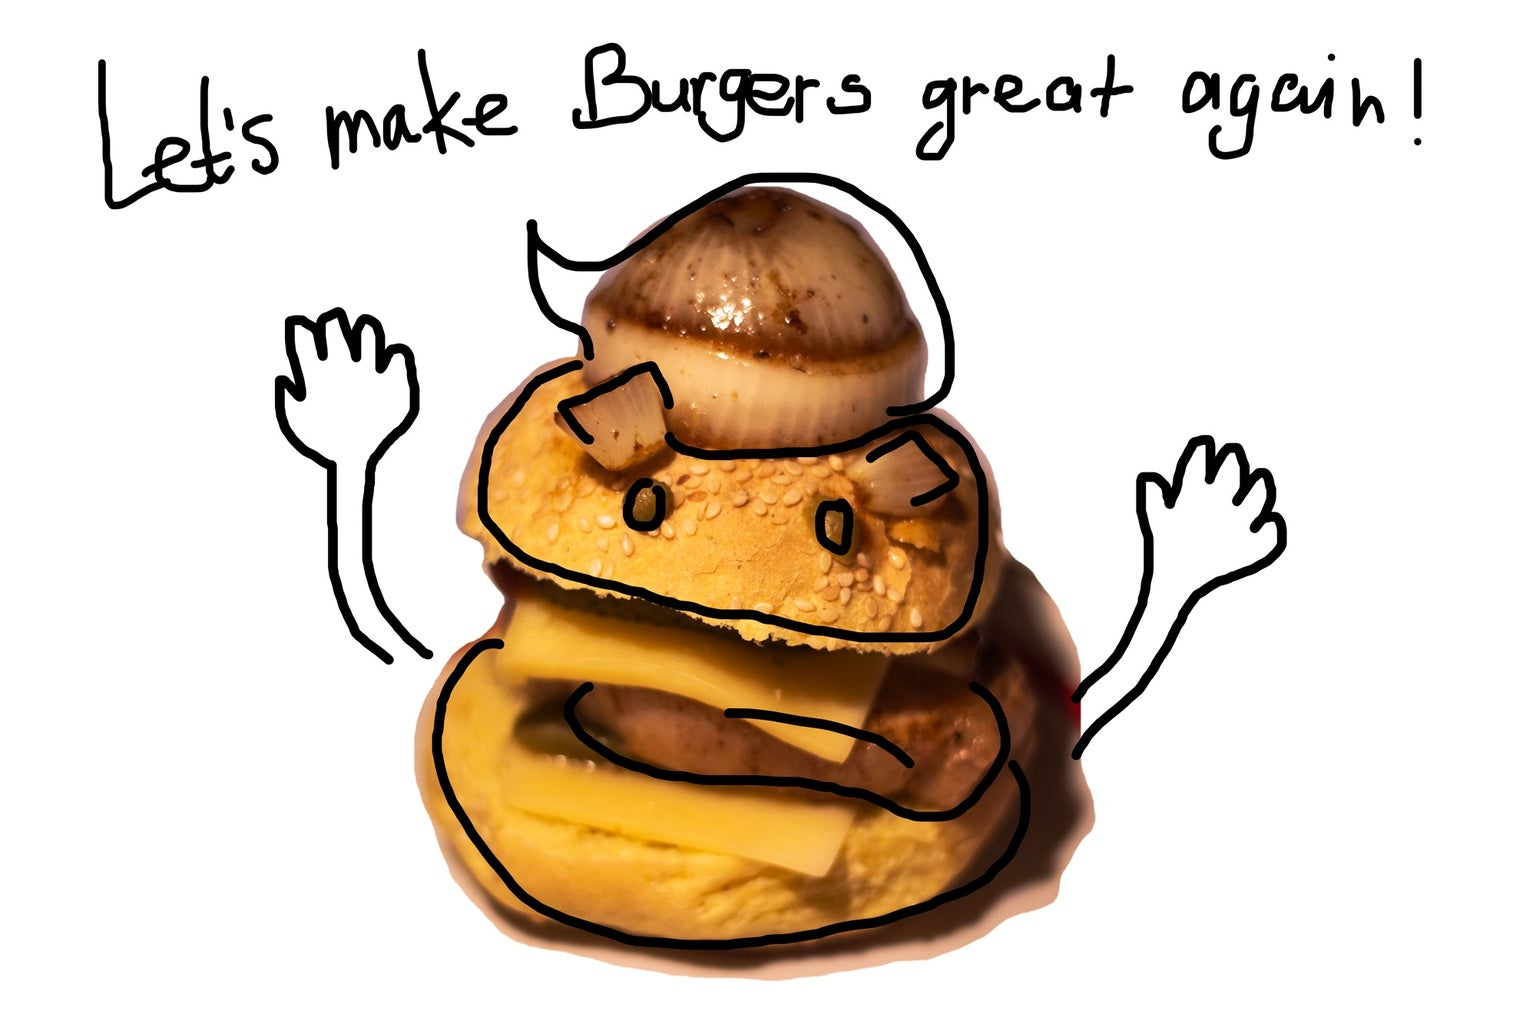 Let's Make Burgers Great Again!